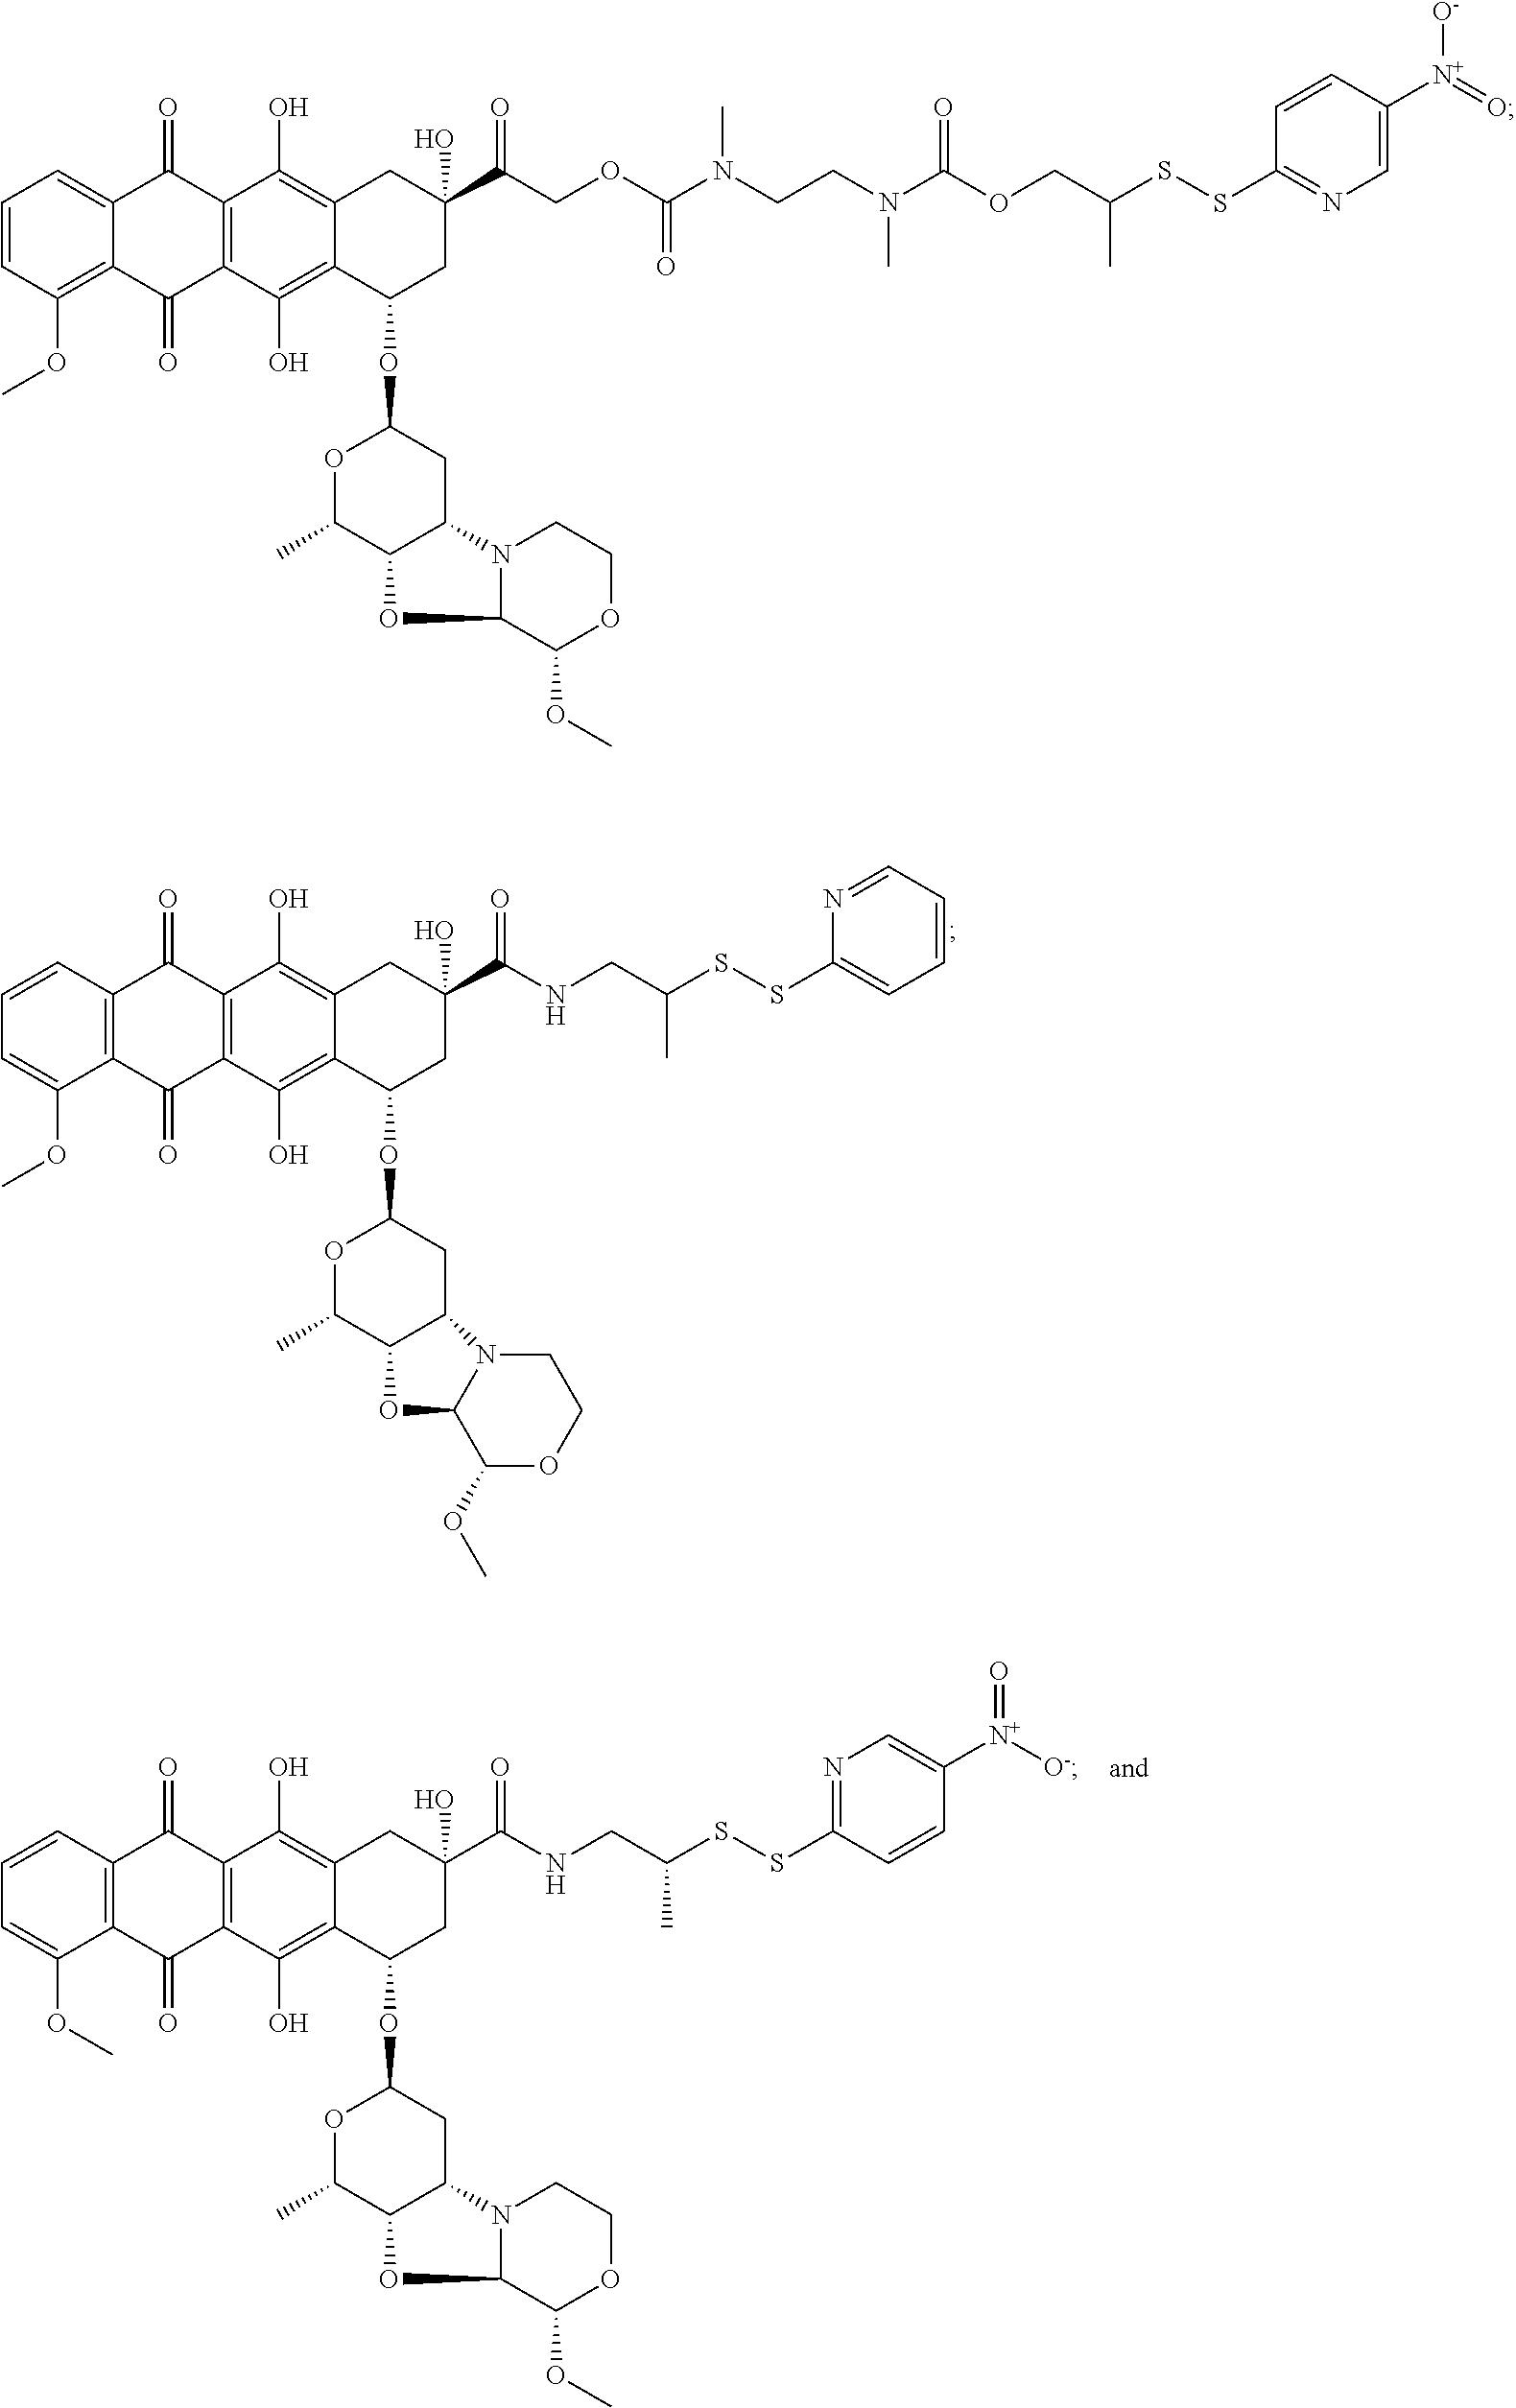 Figure US20160074528A1-20160317-C00059